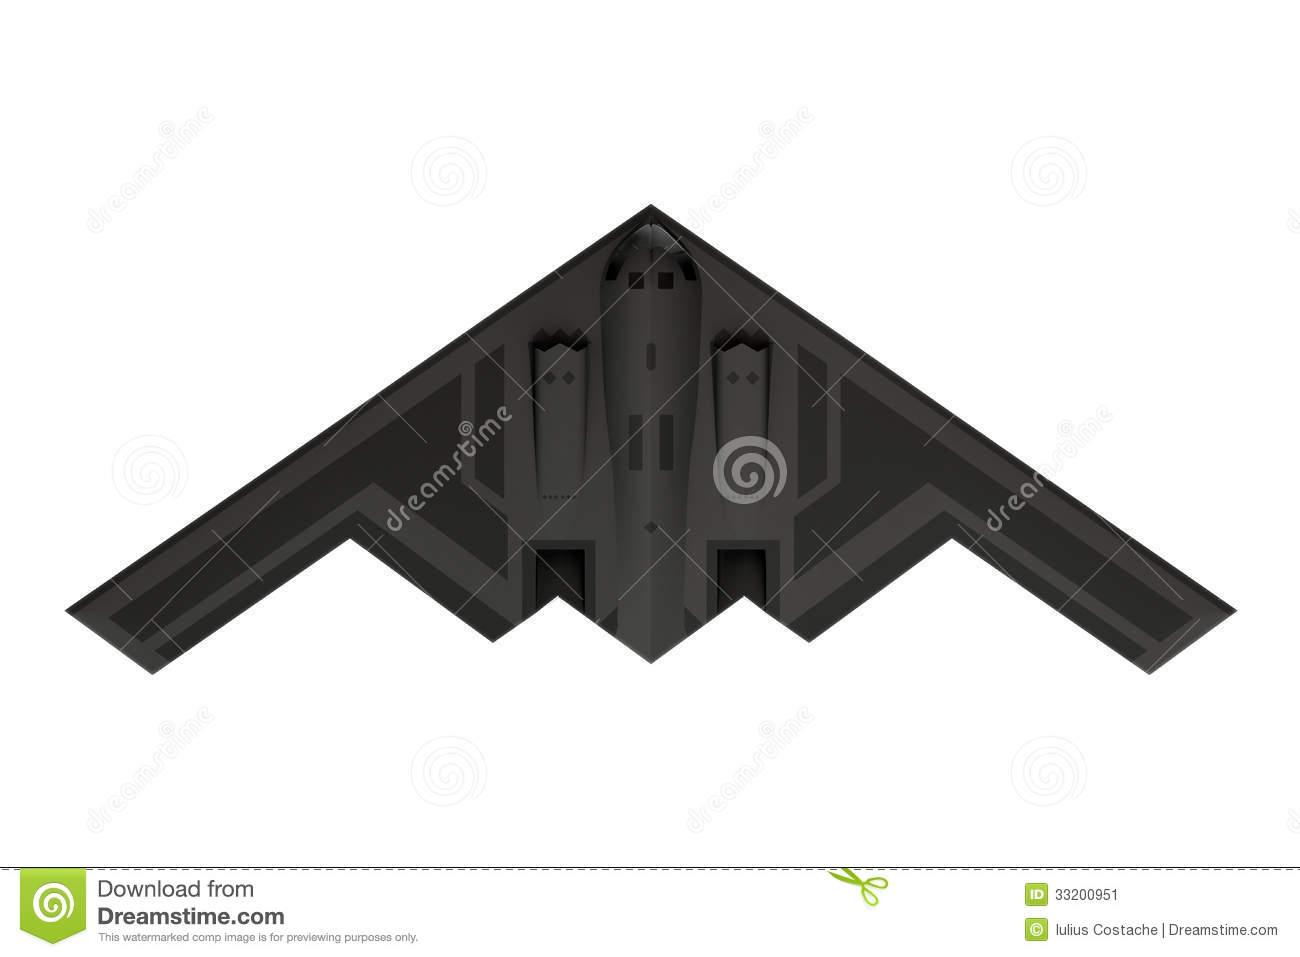 B2 bomber clipart.